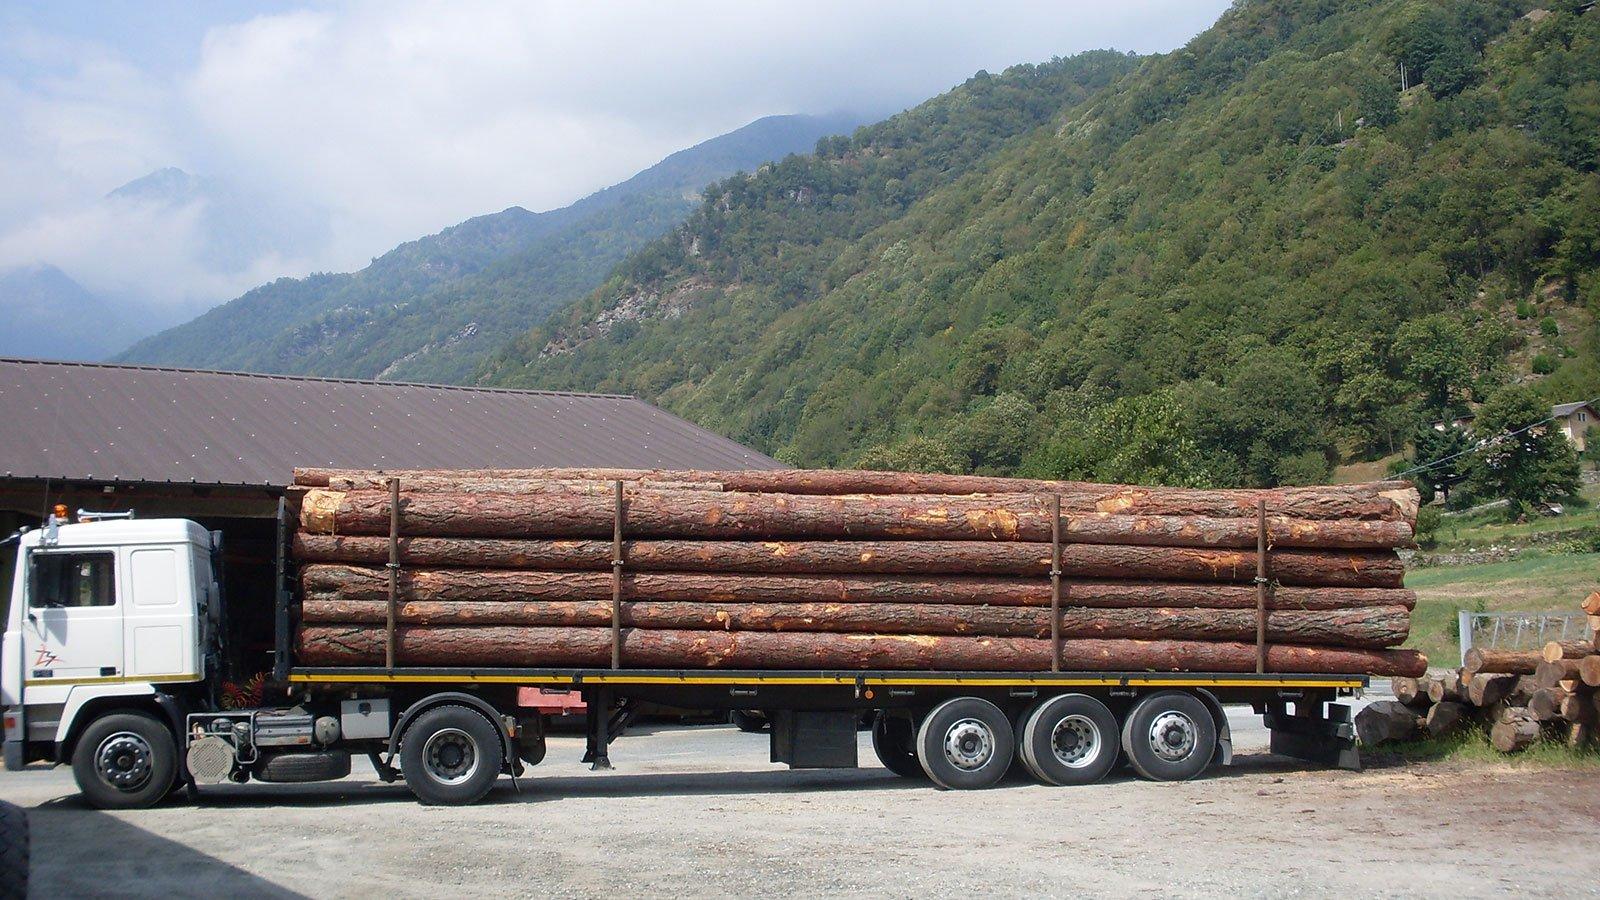 camion trasporta tronchi di legno